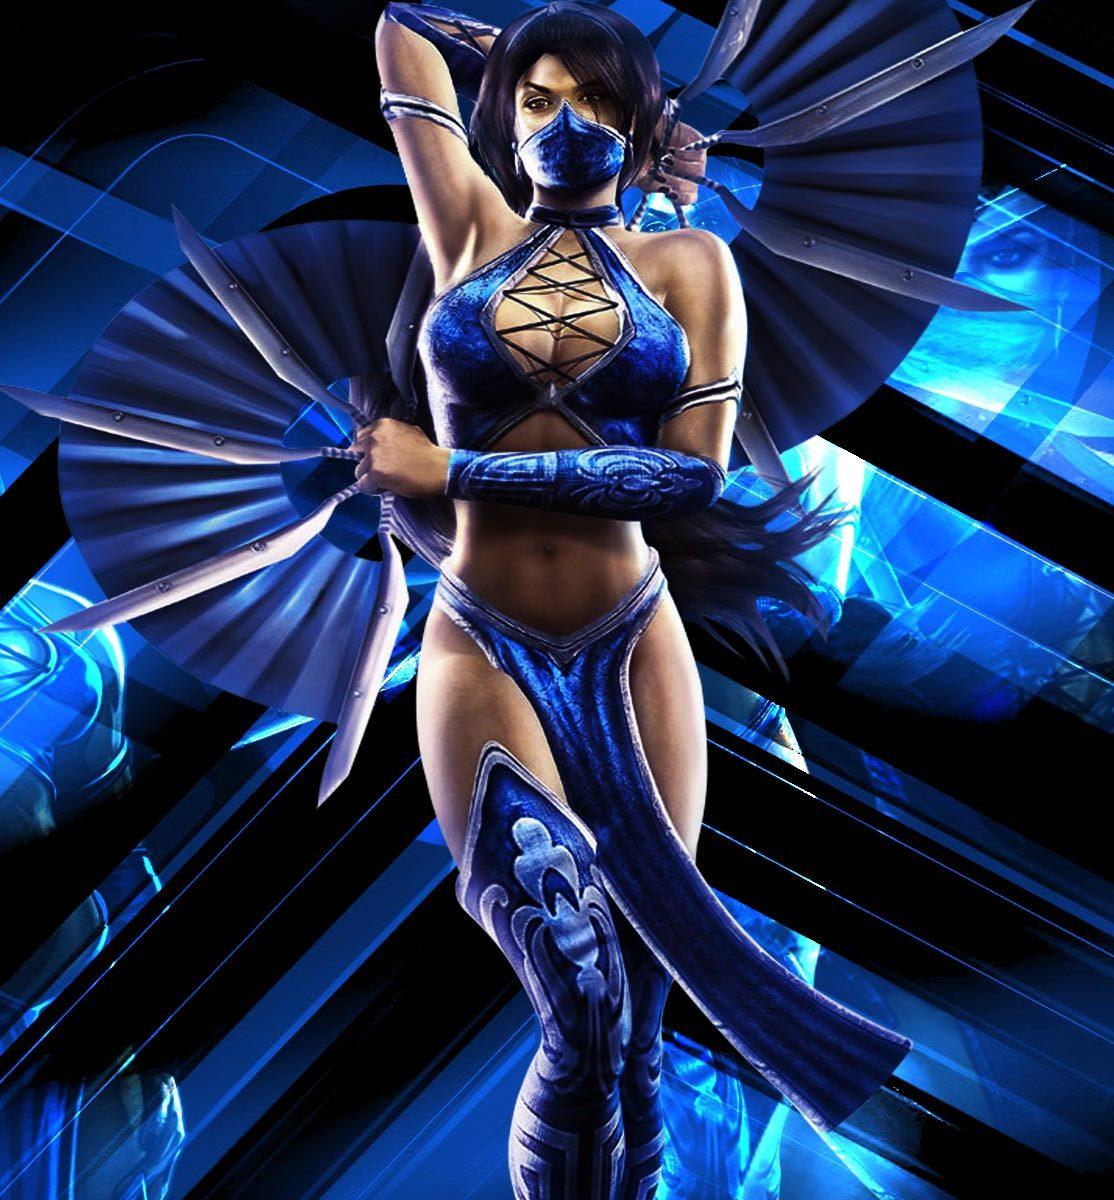 Kitana | Mortal Kombat Wiki | FANDOM powered by Wikia